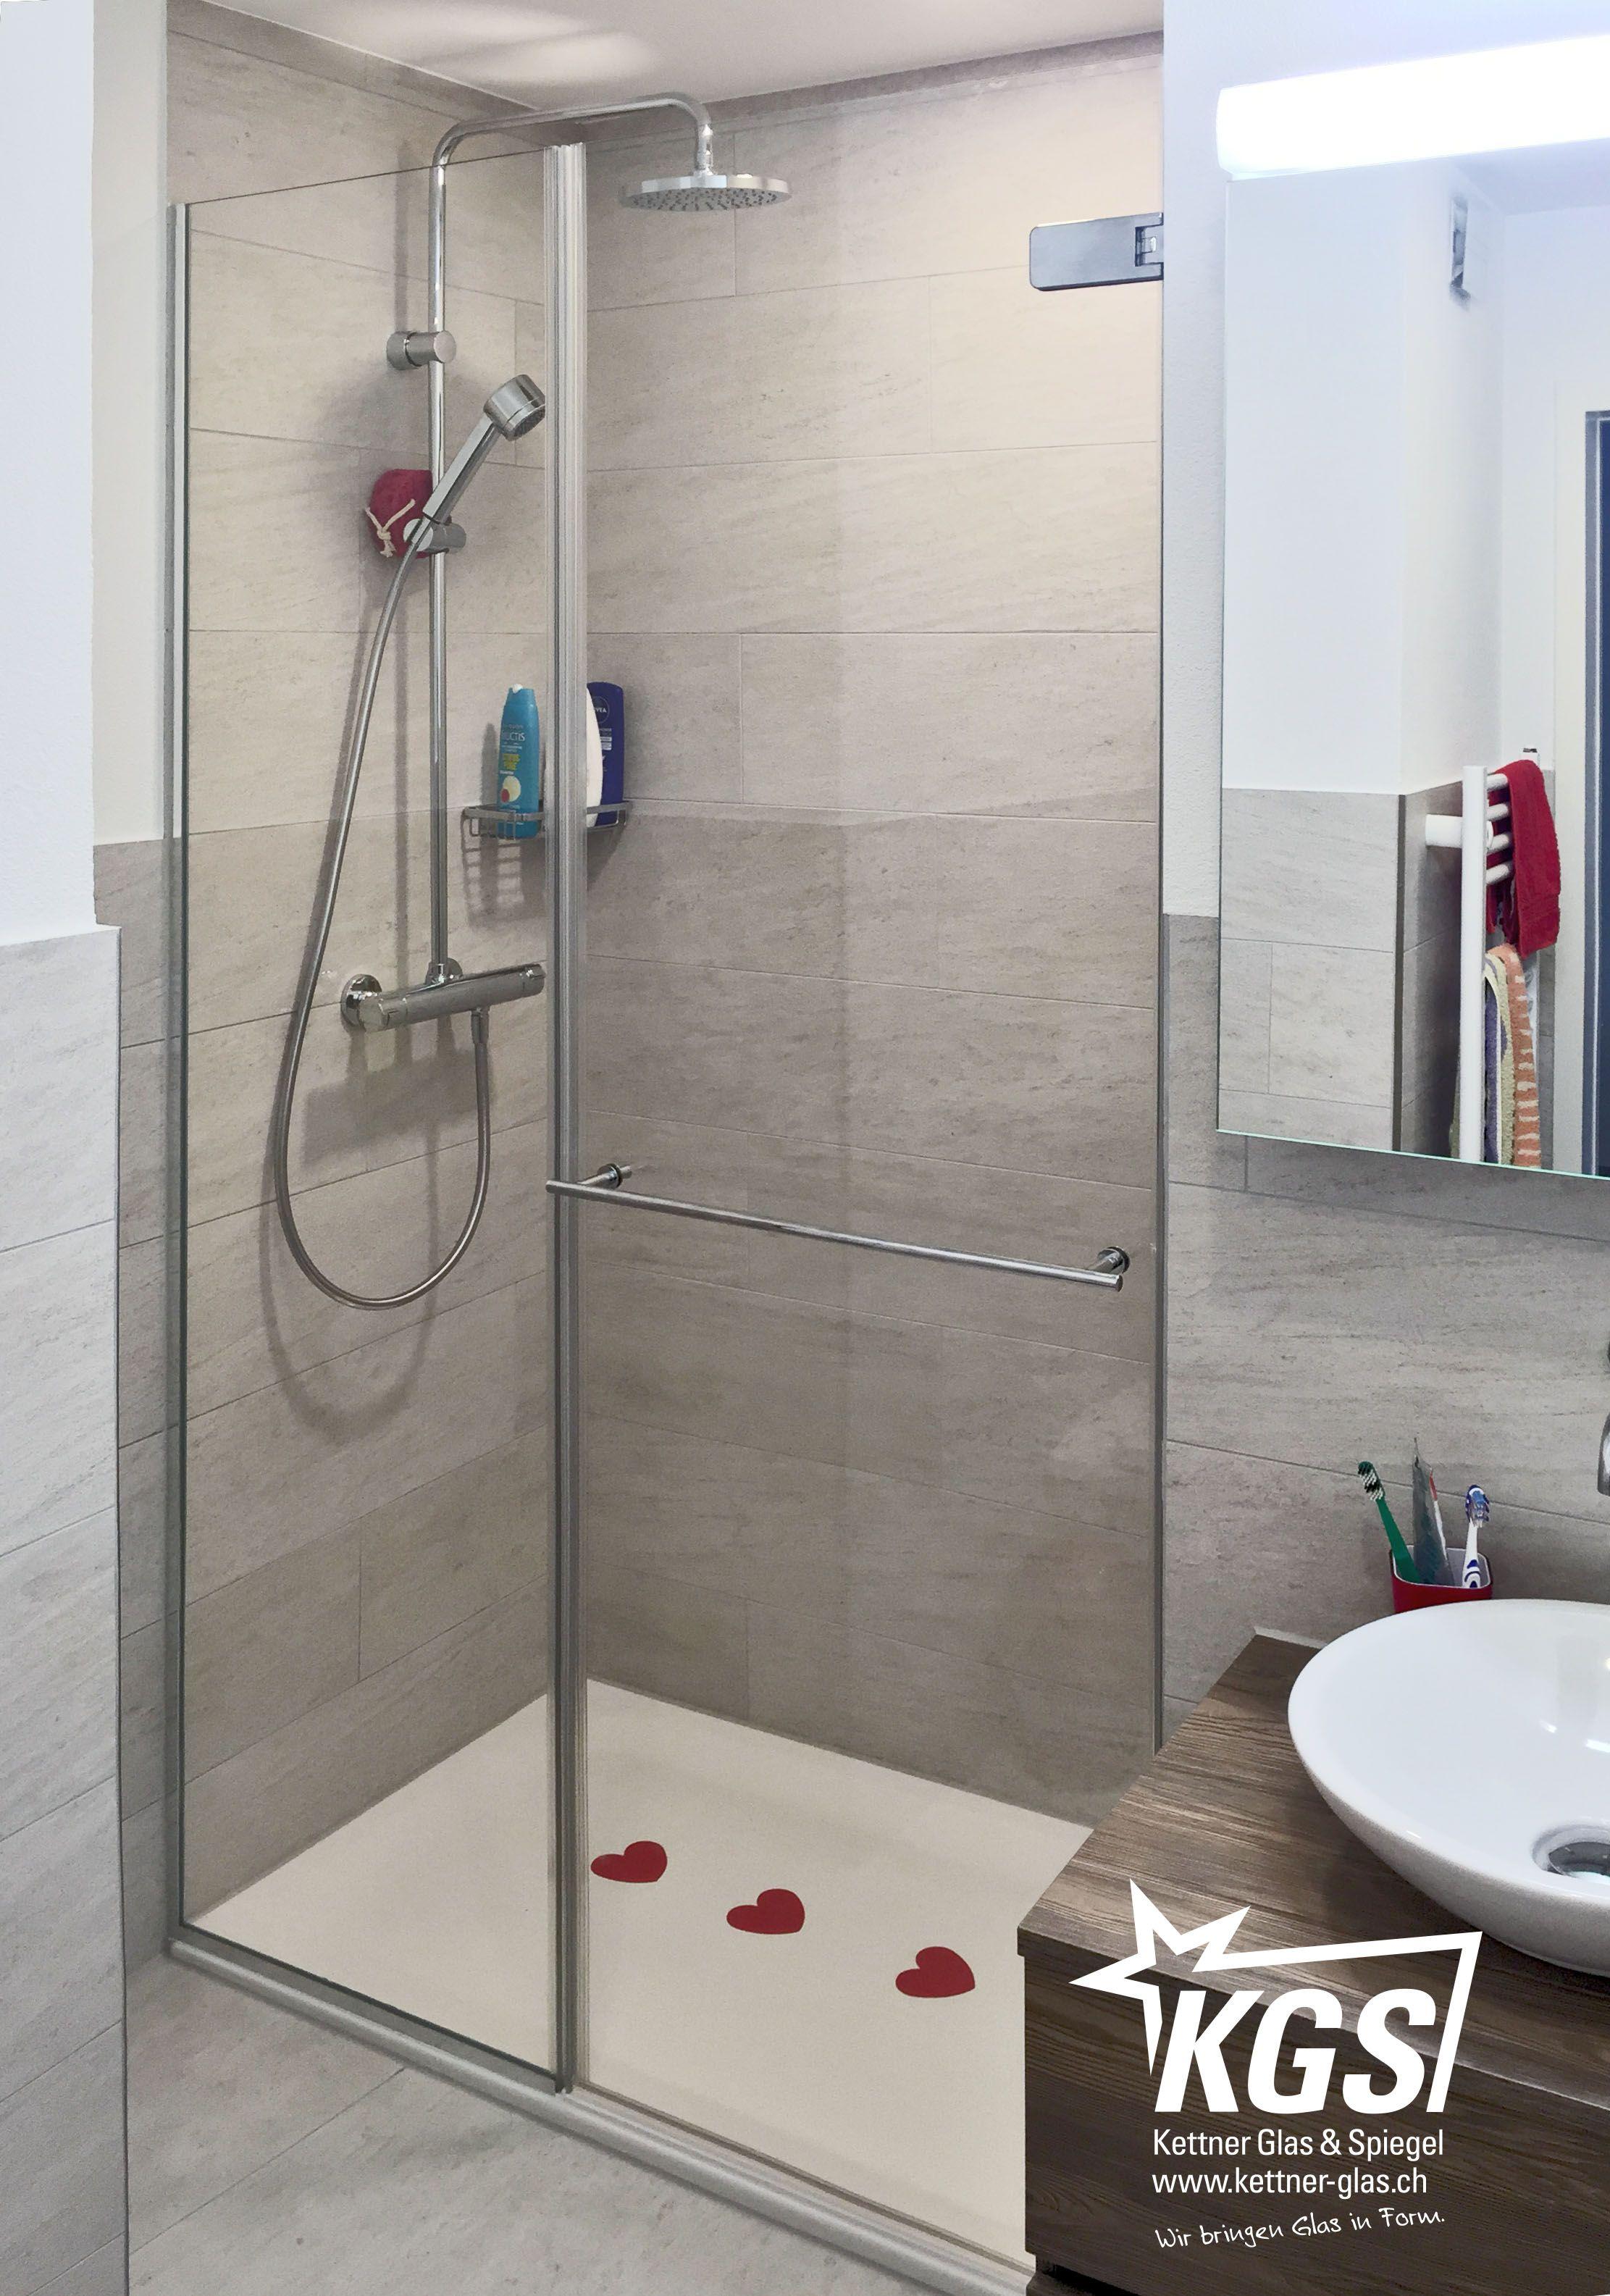 Klarglas Duschkabine Mit Integriertem Handtuchhalter In Der Glasture Aus Sicherheitsglas Montiert In Die Duschnische Duschkabine Dusche Duschnische